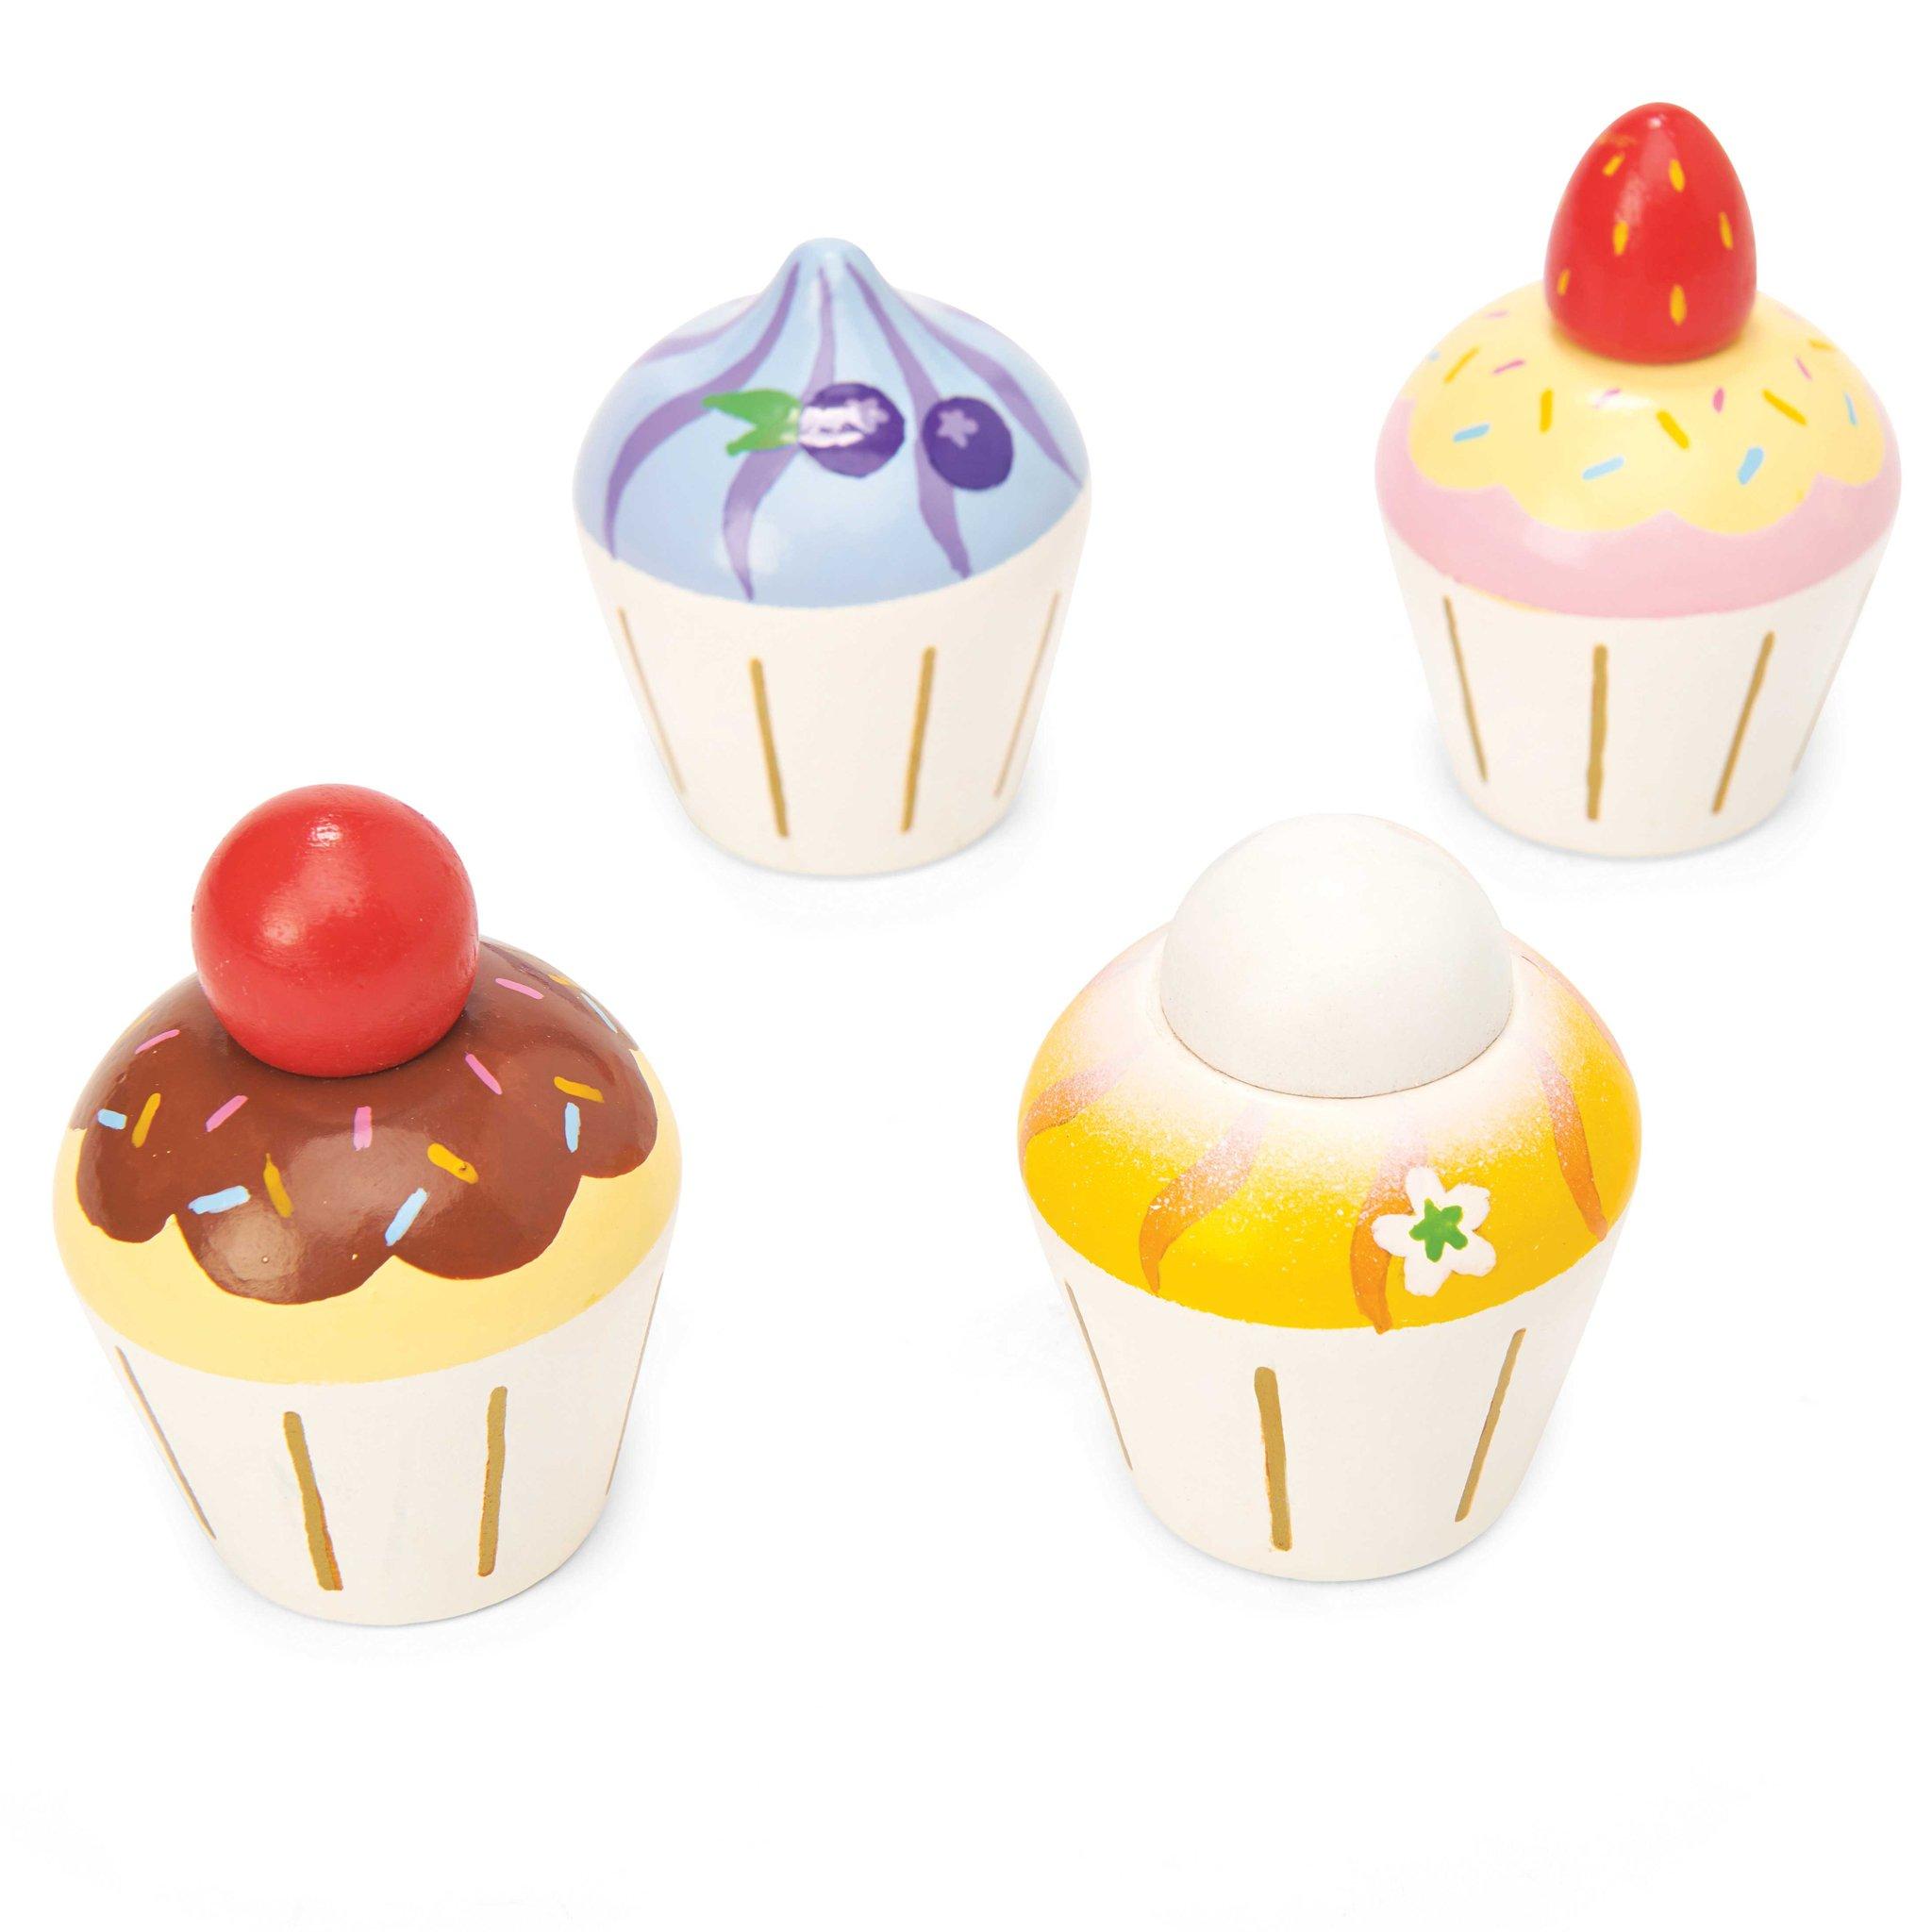 Cupcakes ξυλινο παιχνιδι της εταιρειας Le toy van